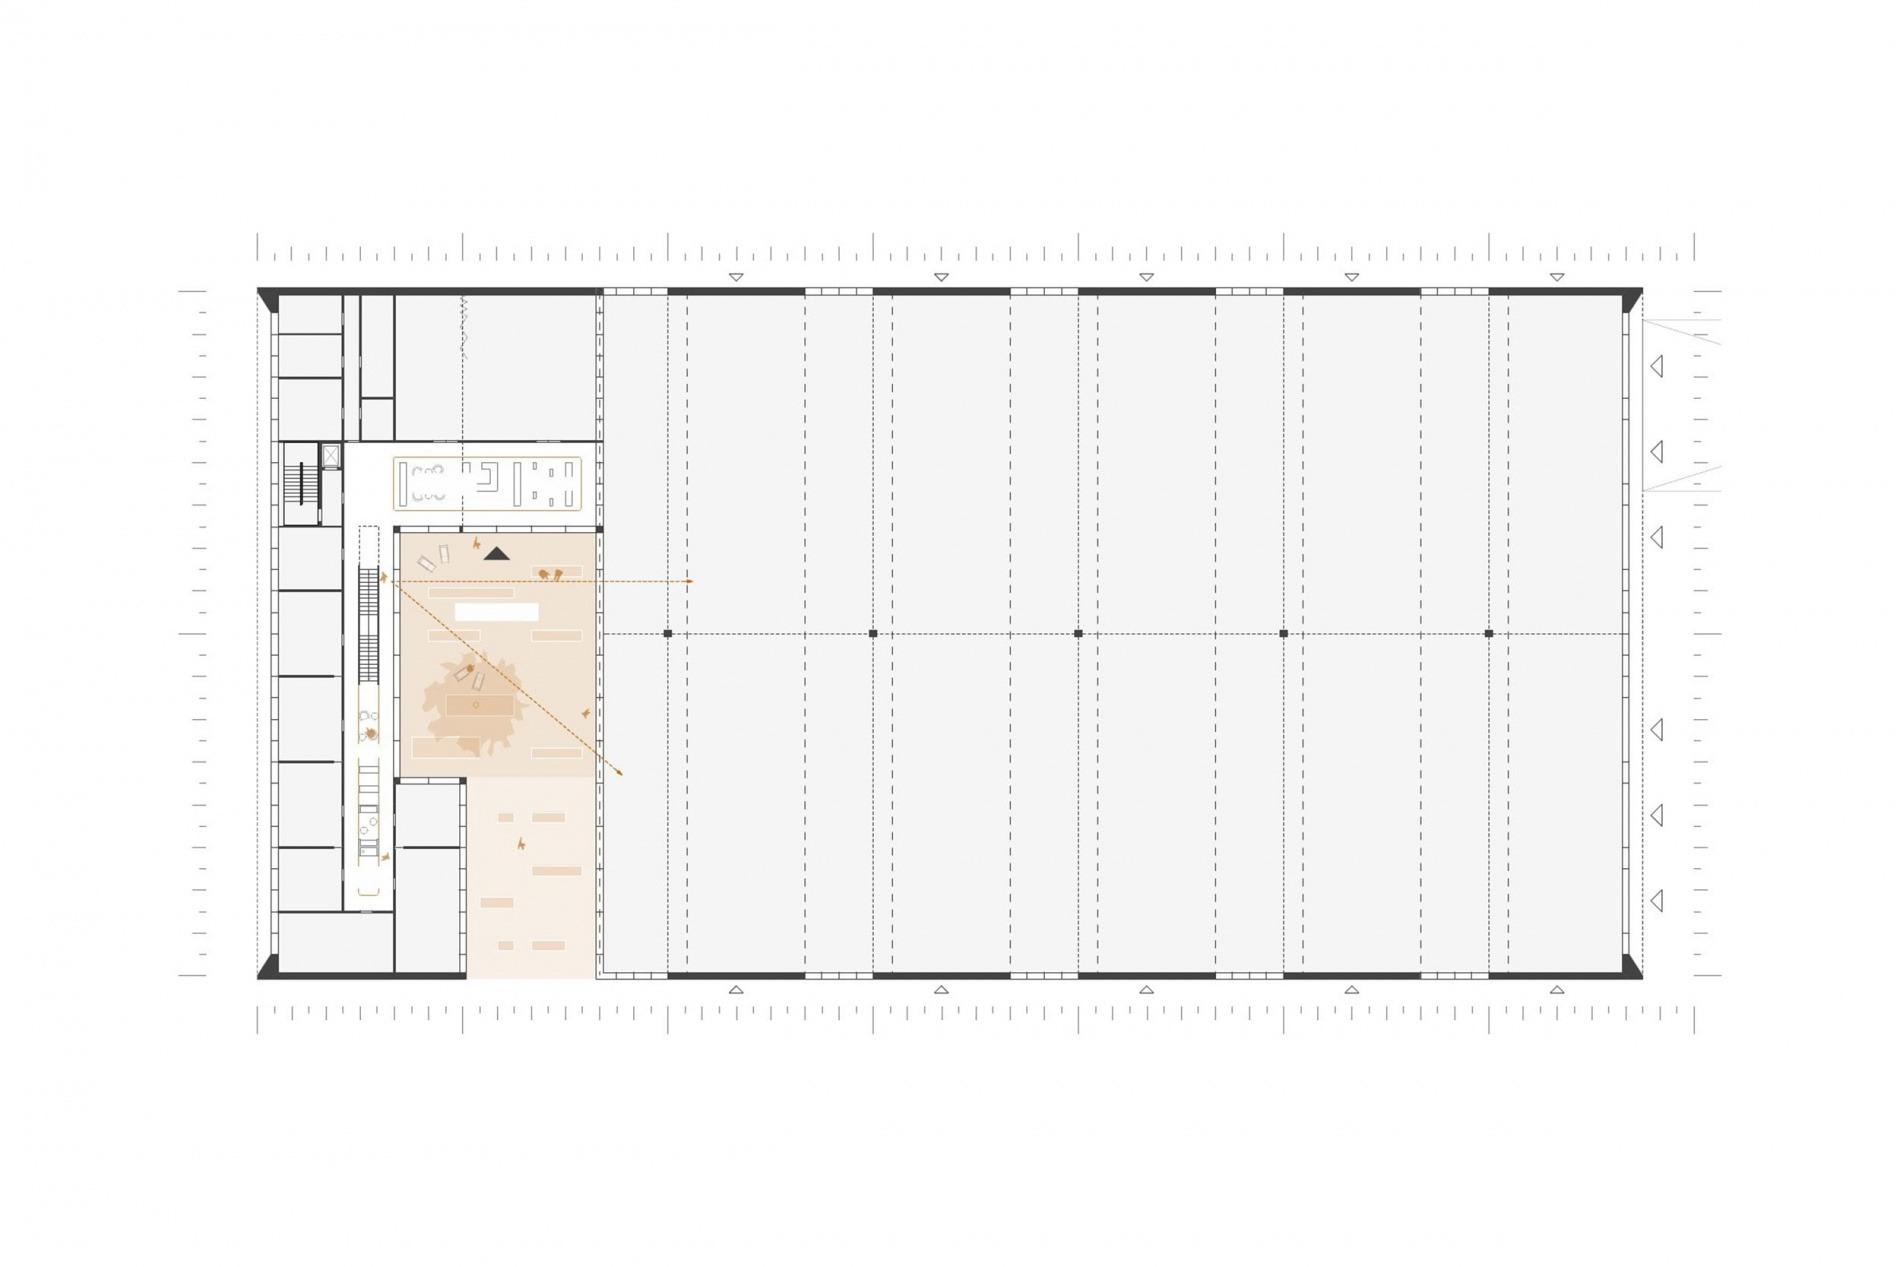 Rosink Nordhorn 04 Erdgeschoss_000001